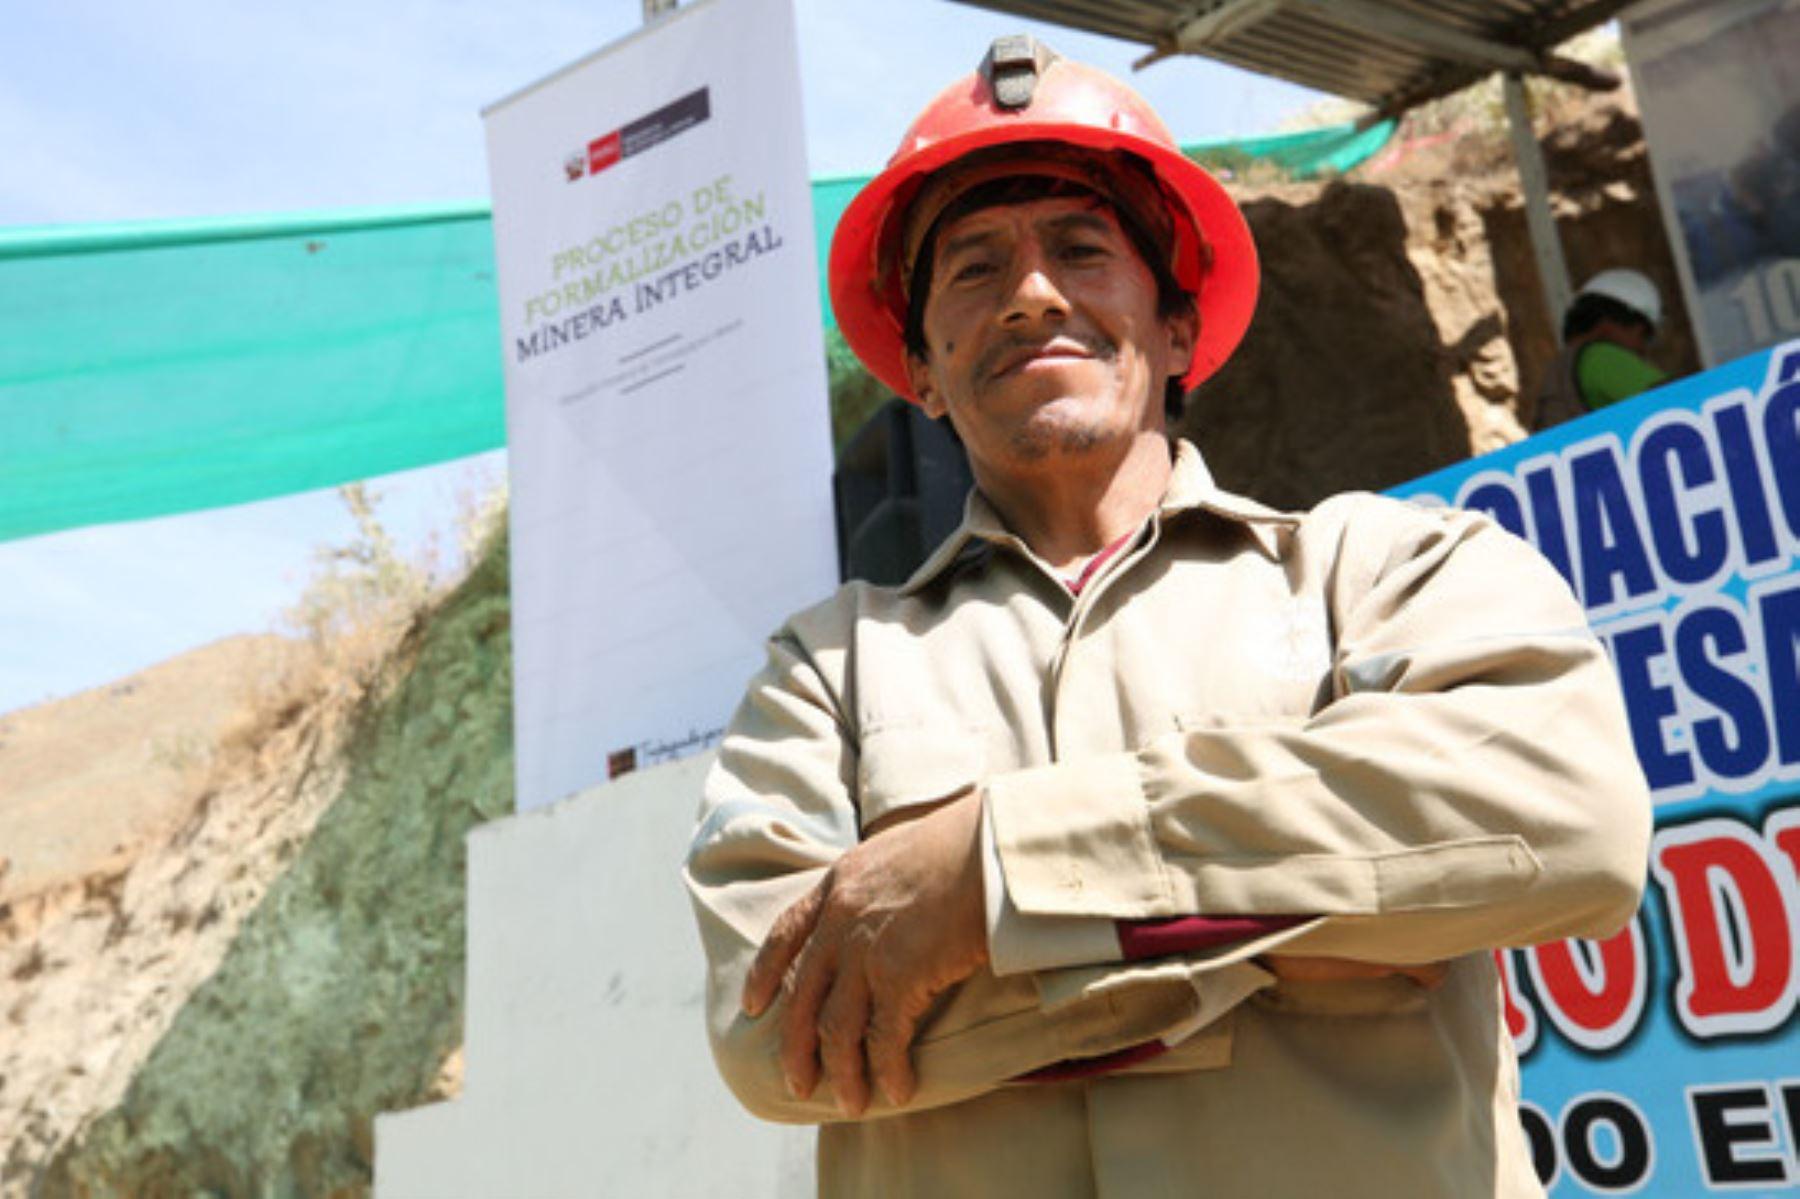 El Minem busca que los pequeños productores mineros puedan alcanzar mejores condiciones de producción y tener acceso a seguridad jurídica, asistencia técnica. Foto: ANDINA/Difusión